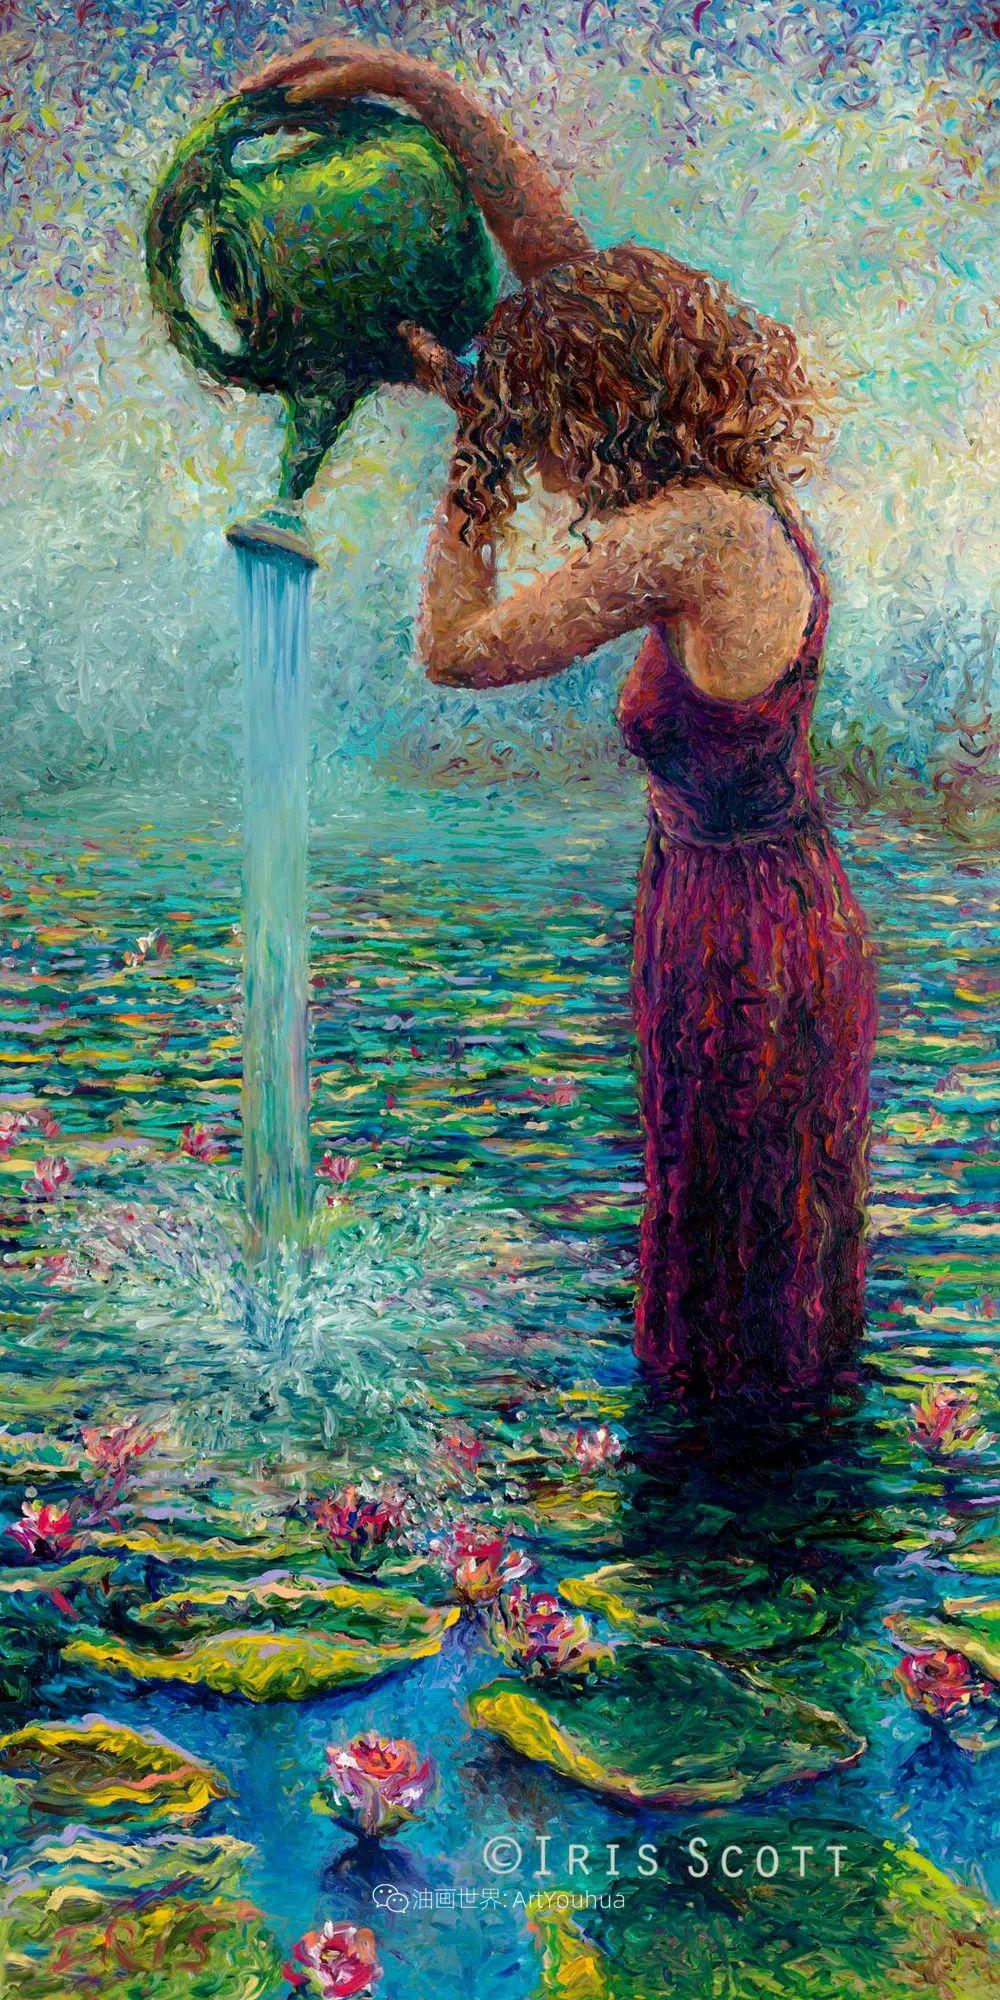 用颜料触摸这个世界!美国画家Iris Scott画选(下)——人物街景篇插图23